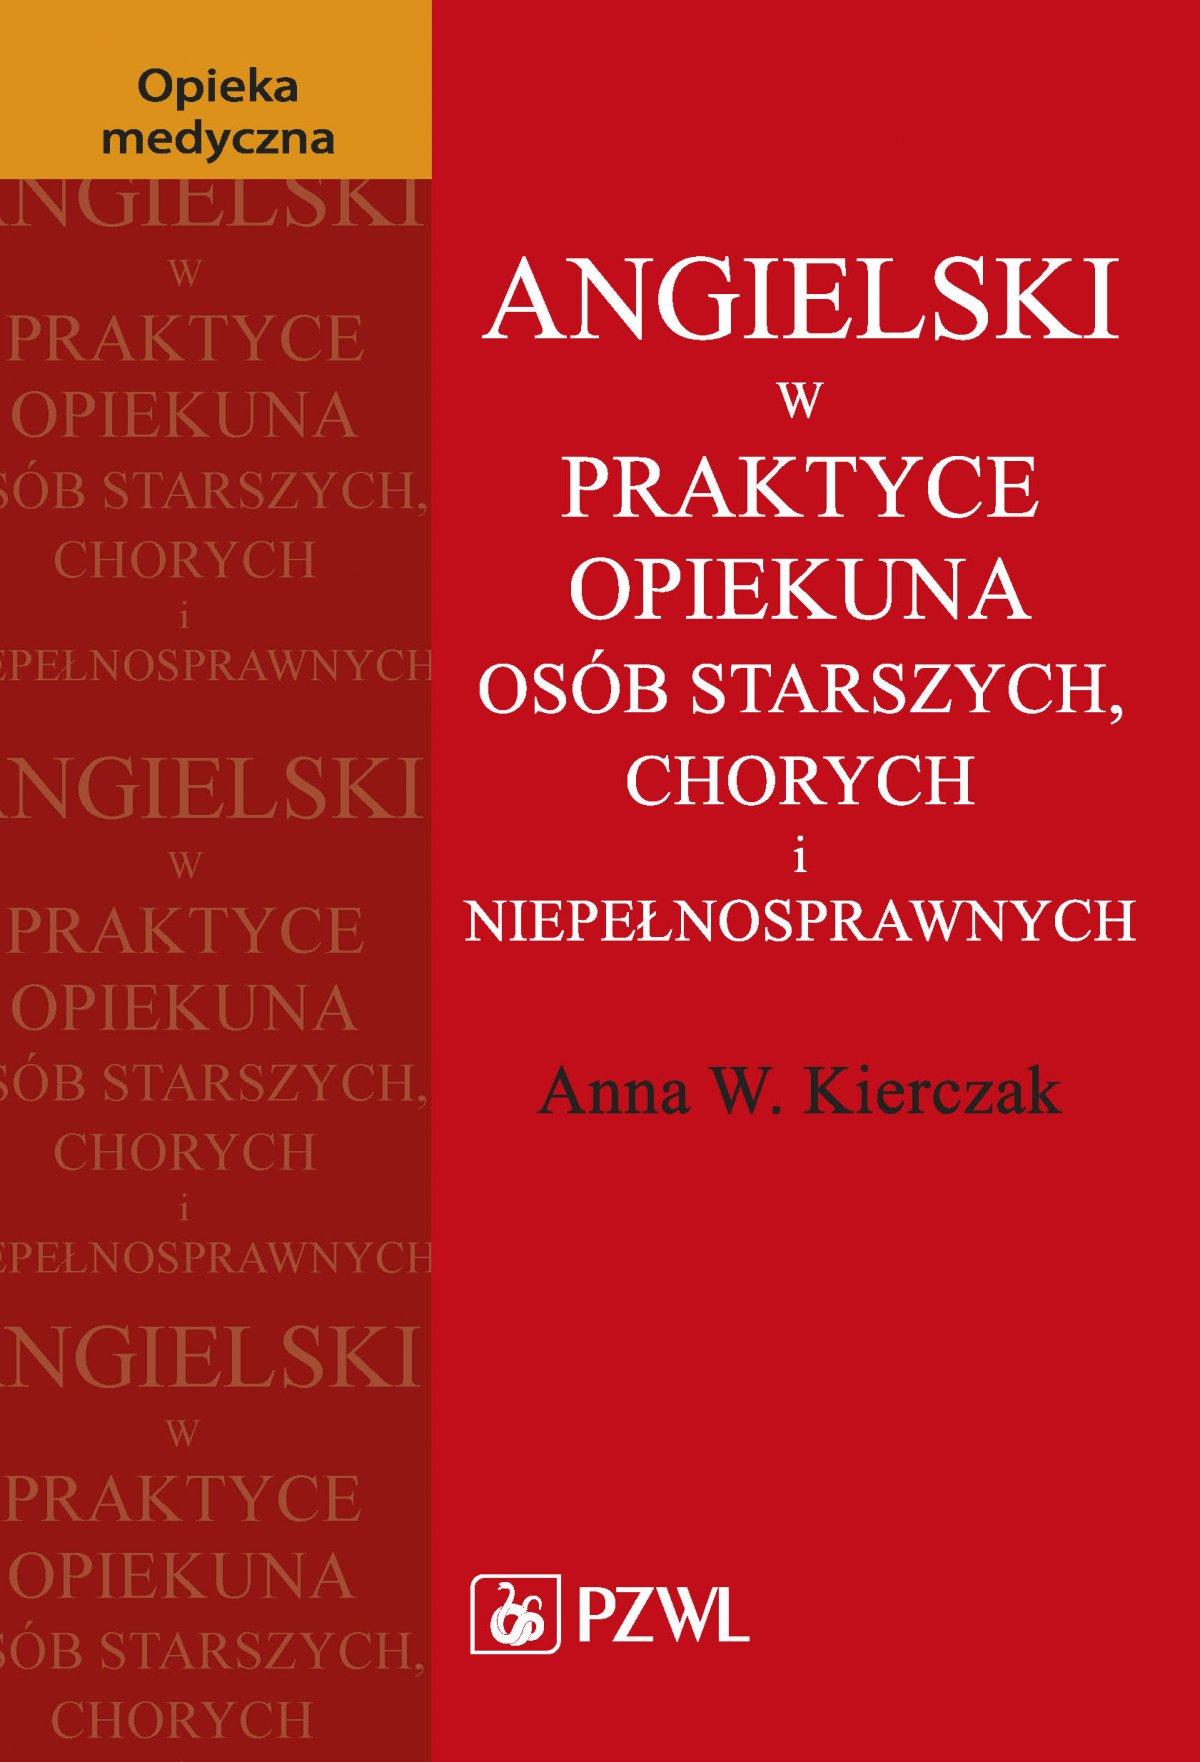 Angielski w praktyce opiekuna osób starszych, chorych i niepełnosprawnych - Ebook (Książka na Kindle) do pobrania w formacie MOBI